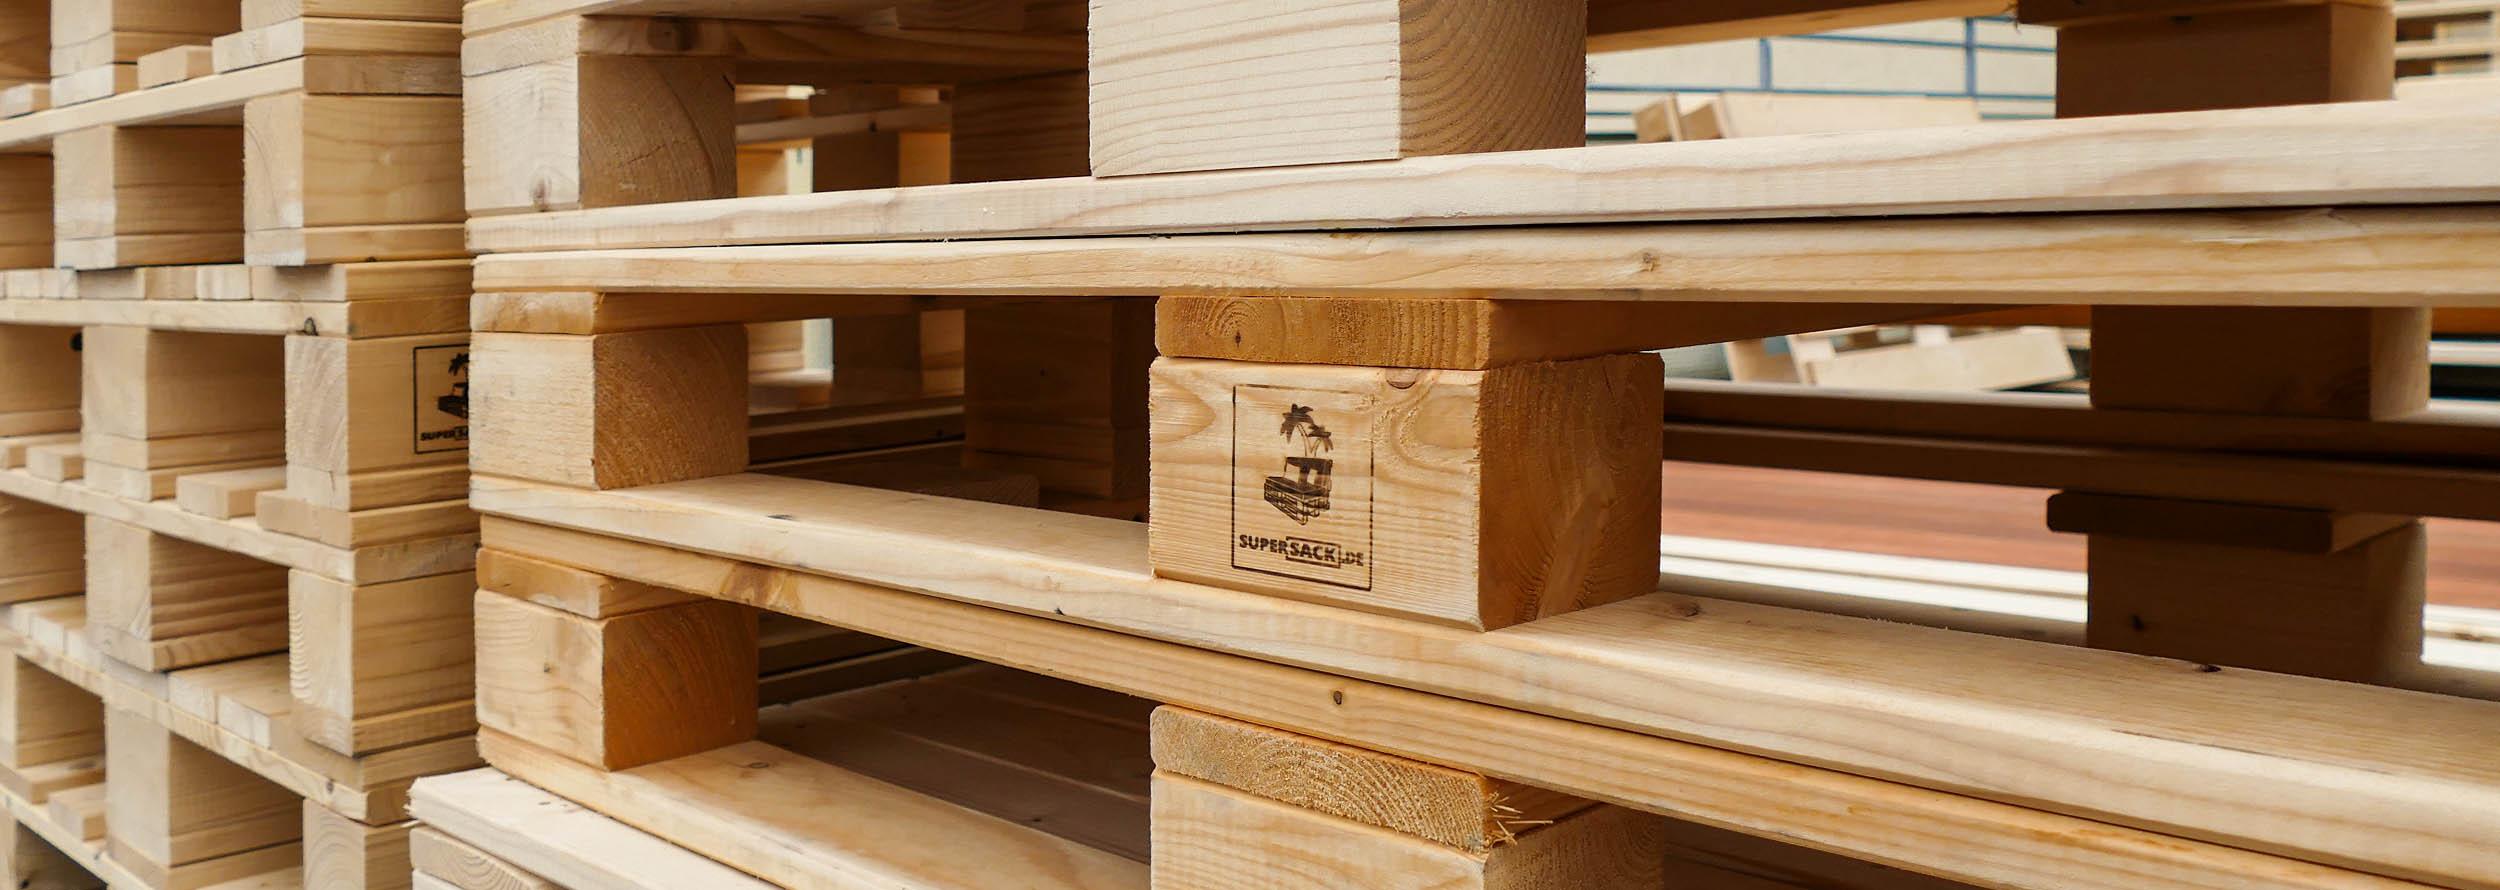 SuperSack Palette für Möbel kaufen